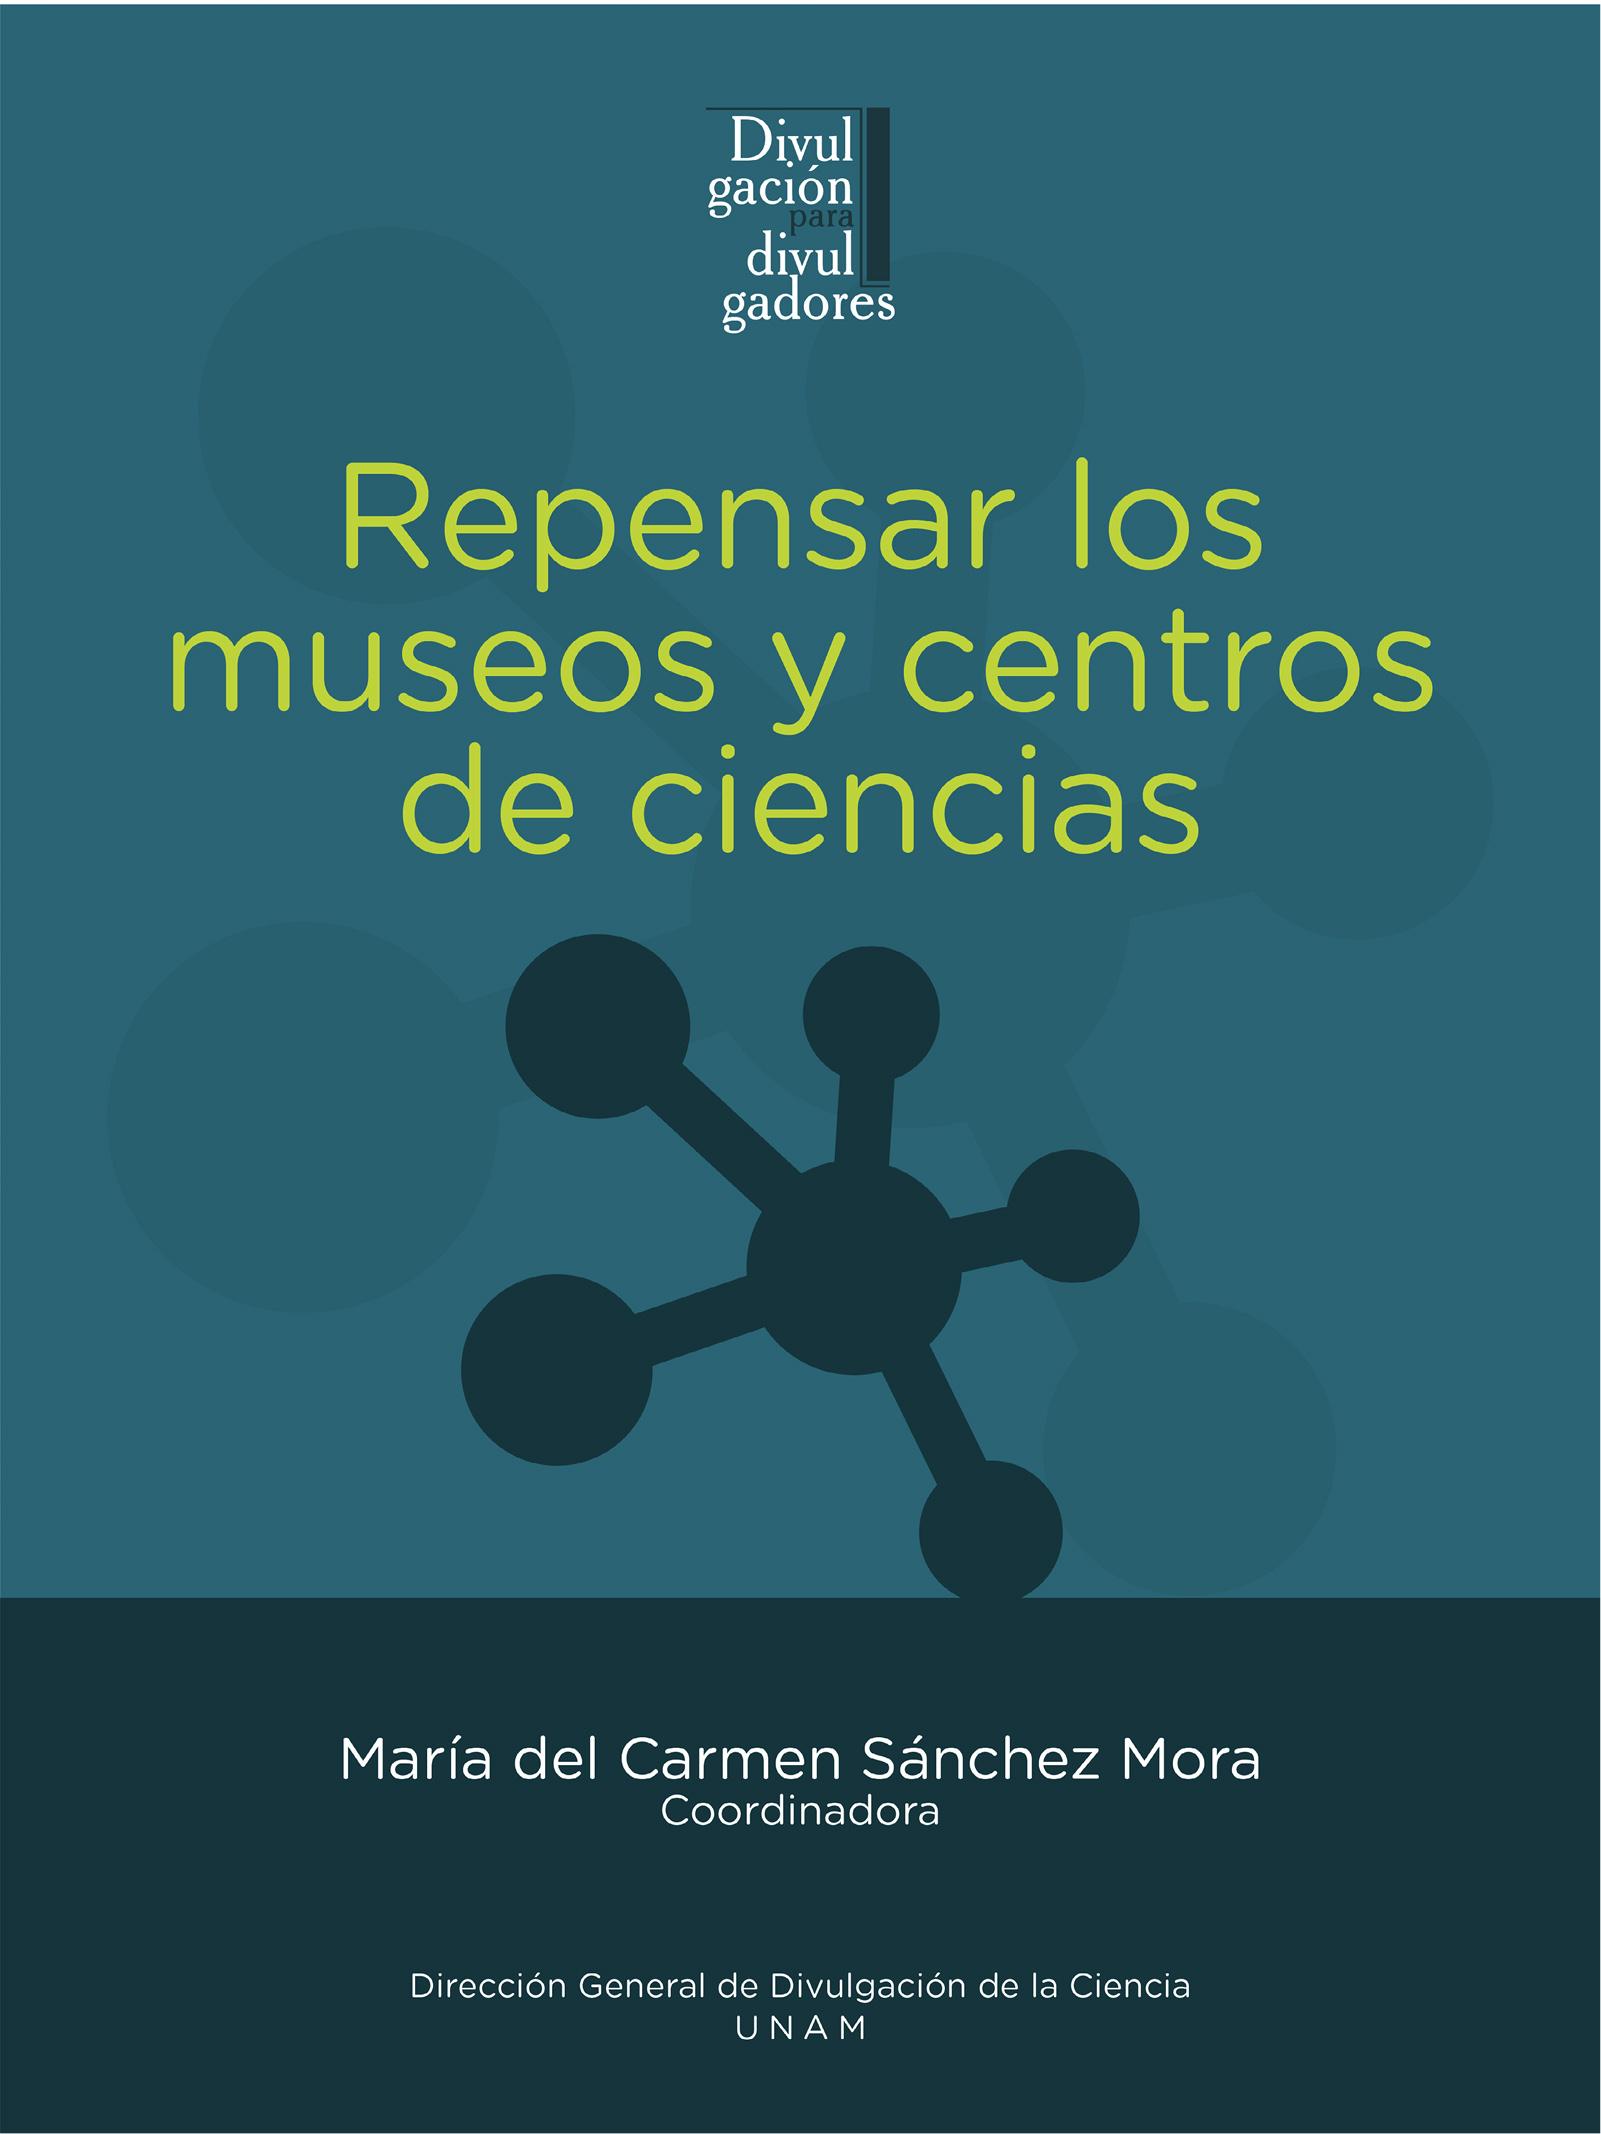 Repensar los museos y centros de ciencias